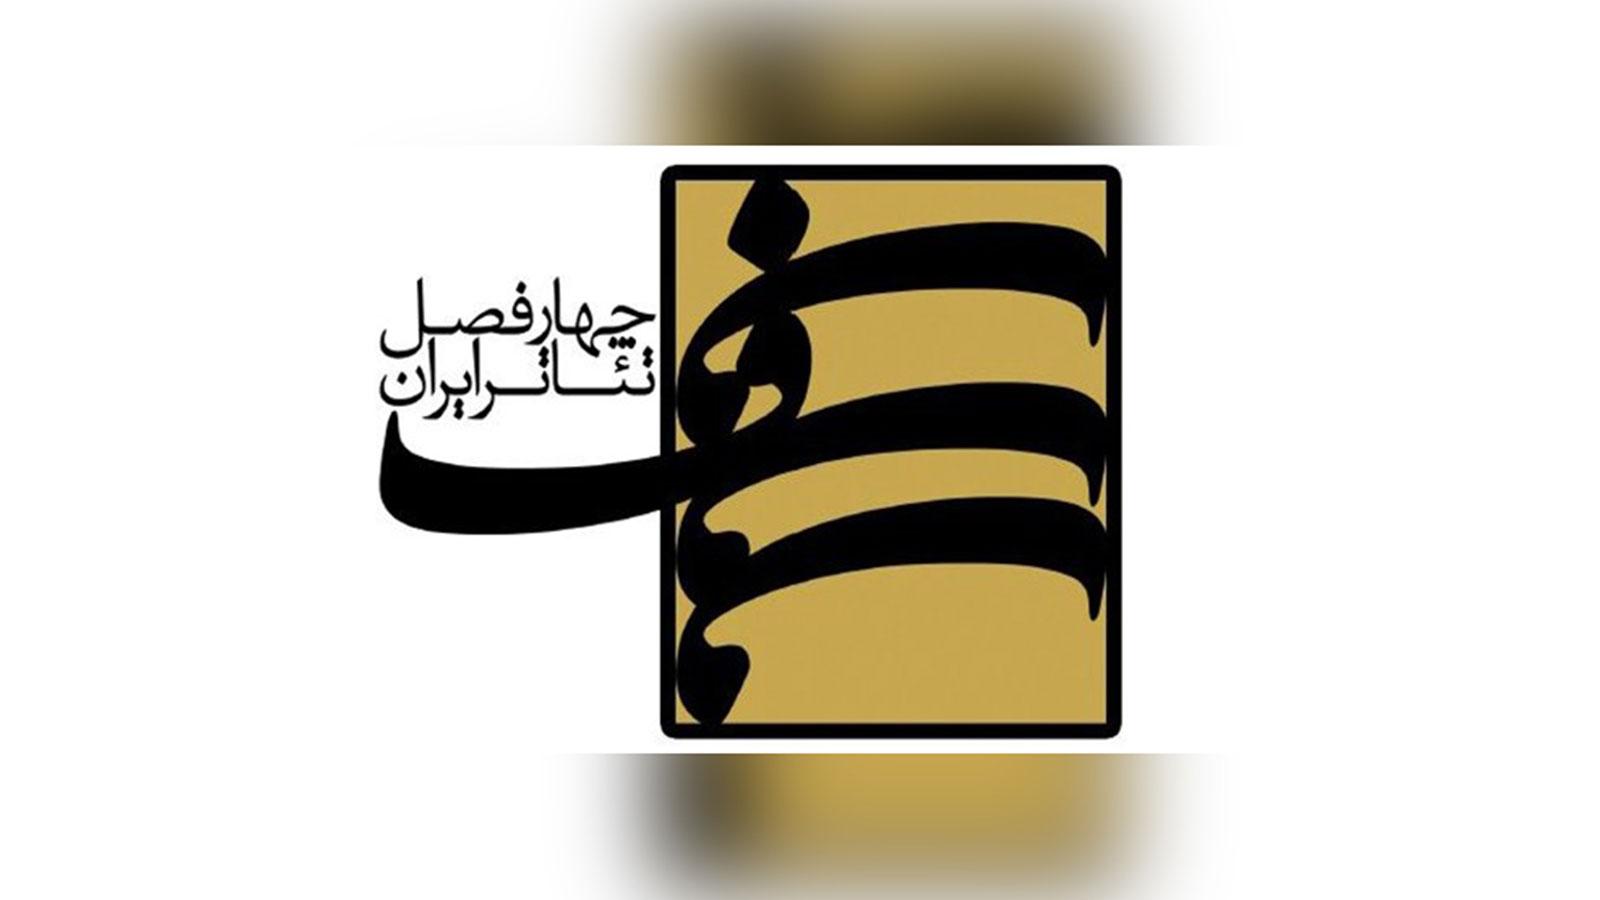 اسامی طرحهای پذیرفته شده پروژه «شهدای مقاومت»/ قصههای کهن ایرانی در فضای مجازی نقالی میشود